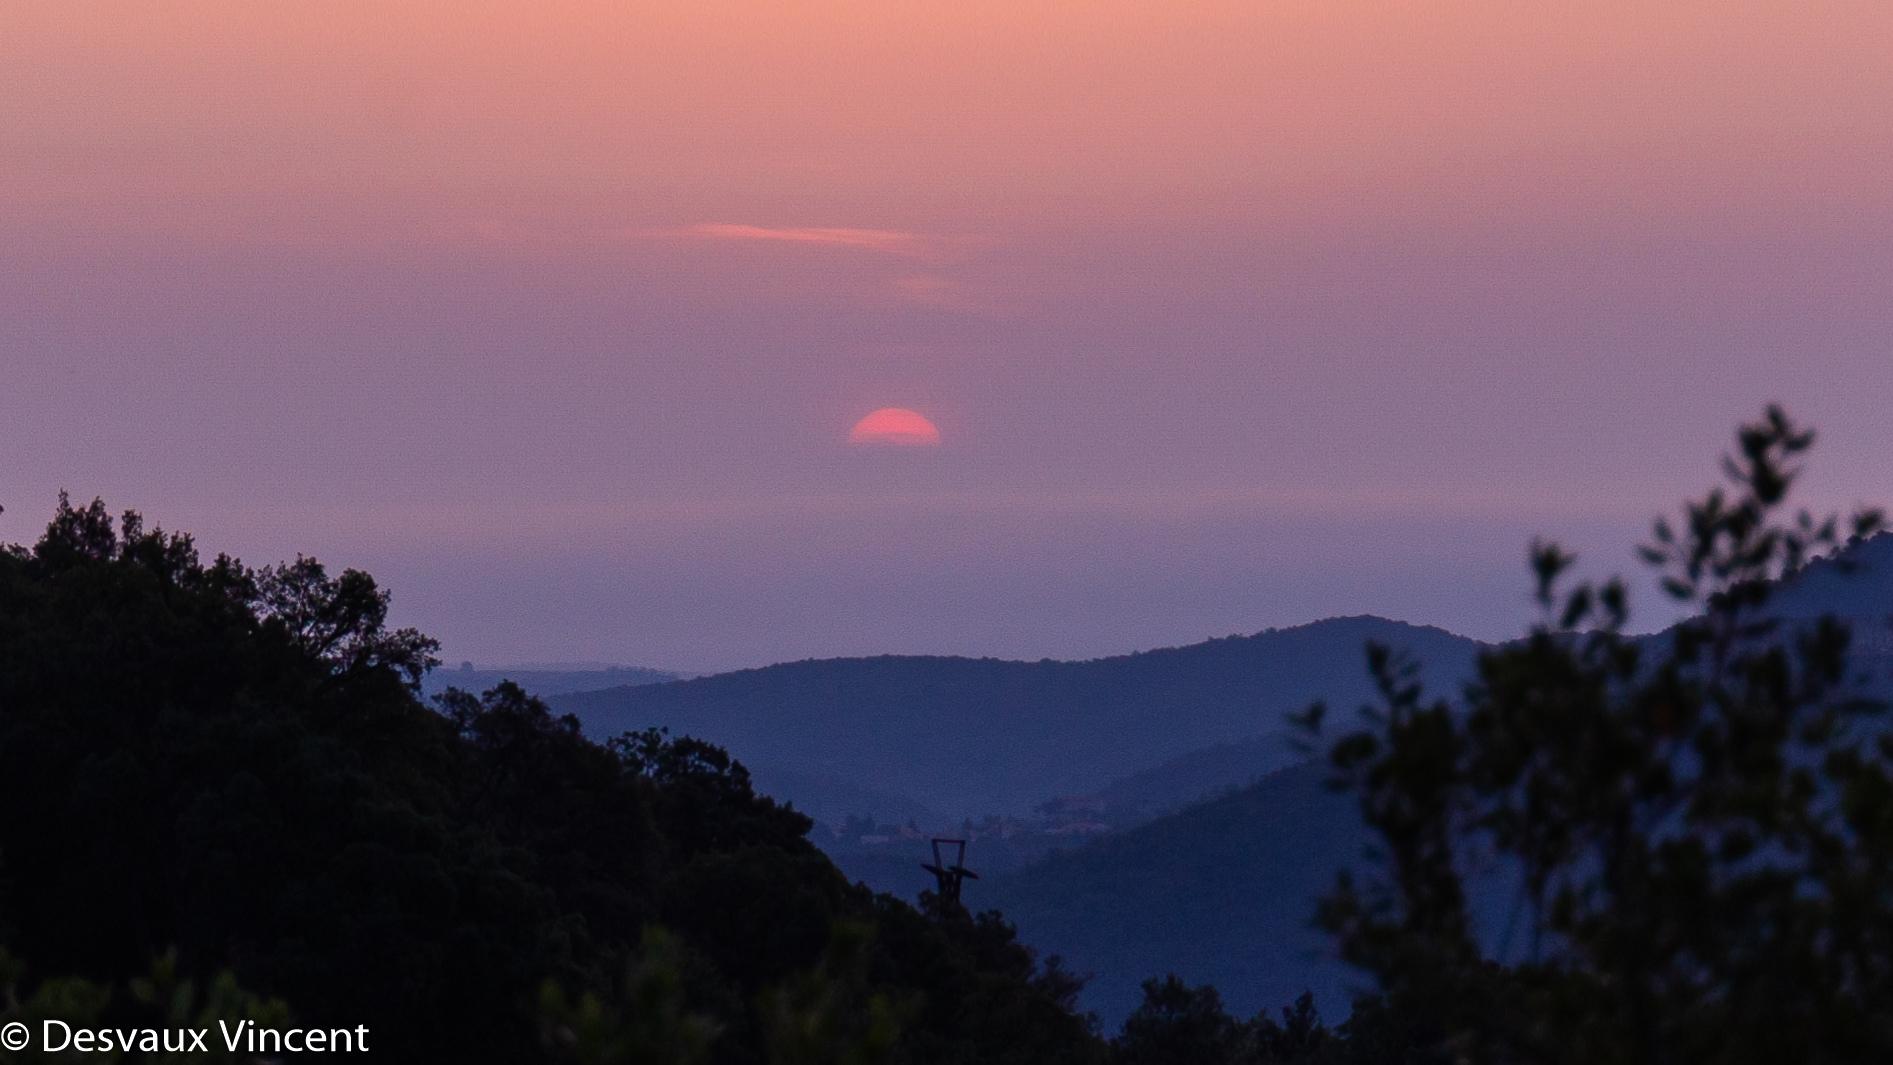 lever de soleil sur la vallée au dessus du poteau de telepherique depuis pin parasol-5905.jpg